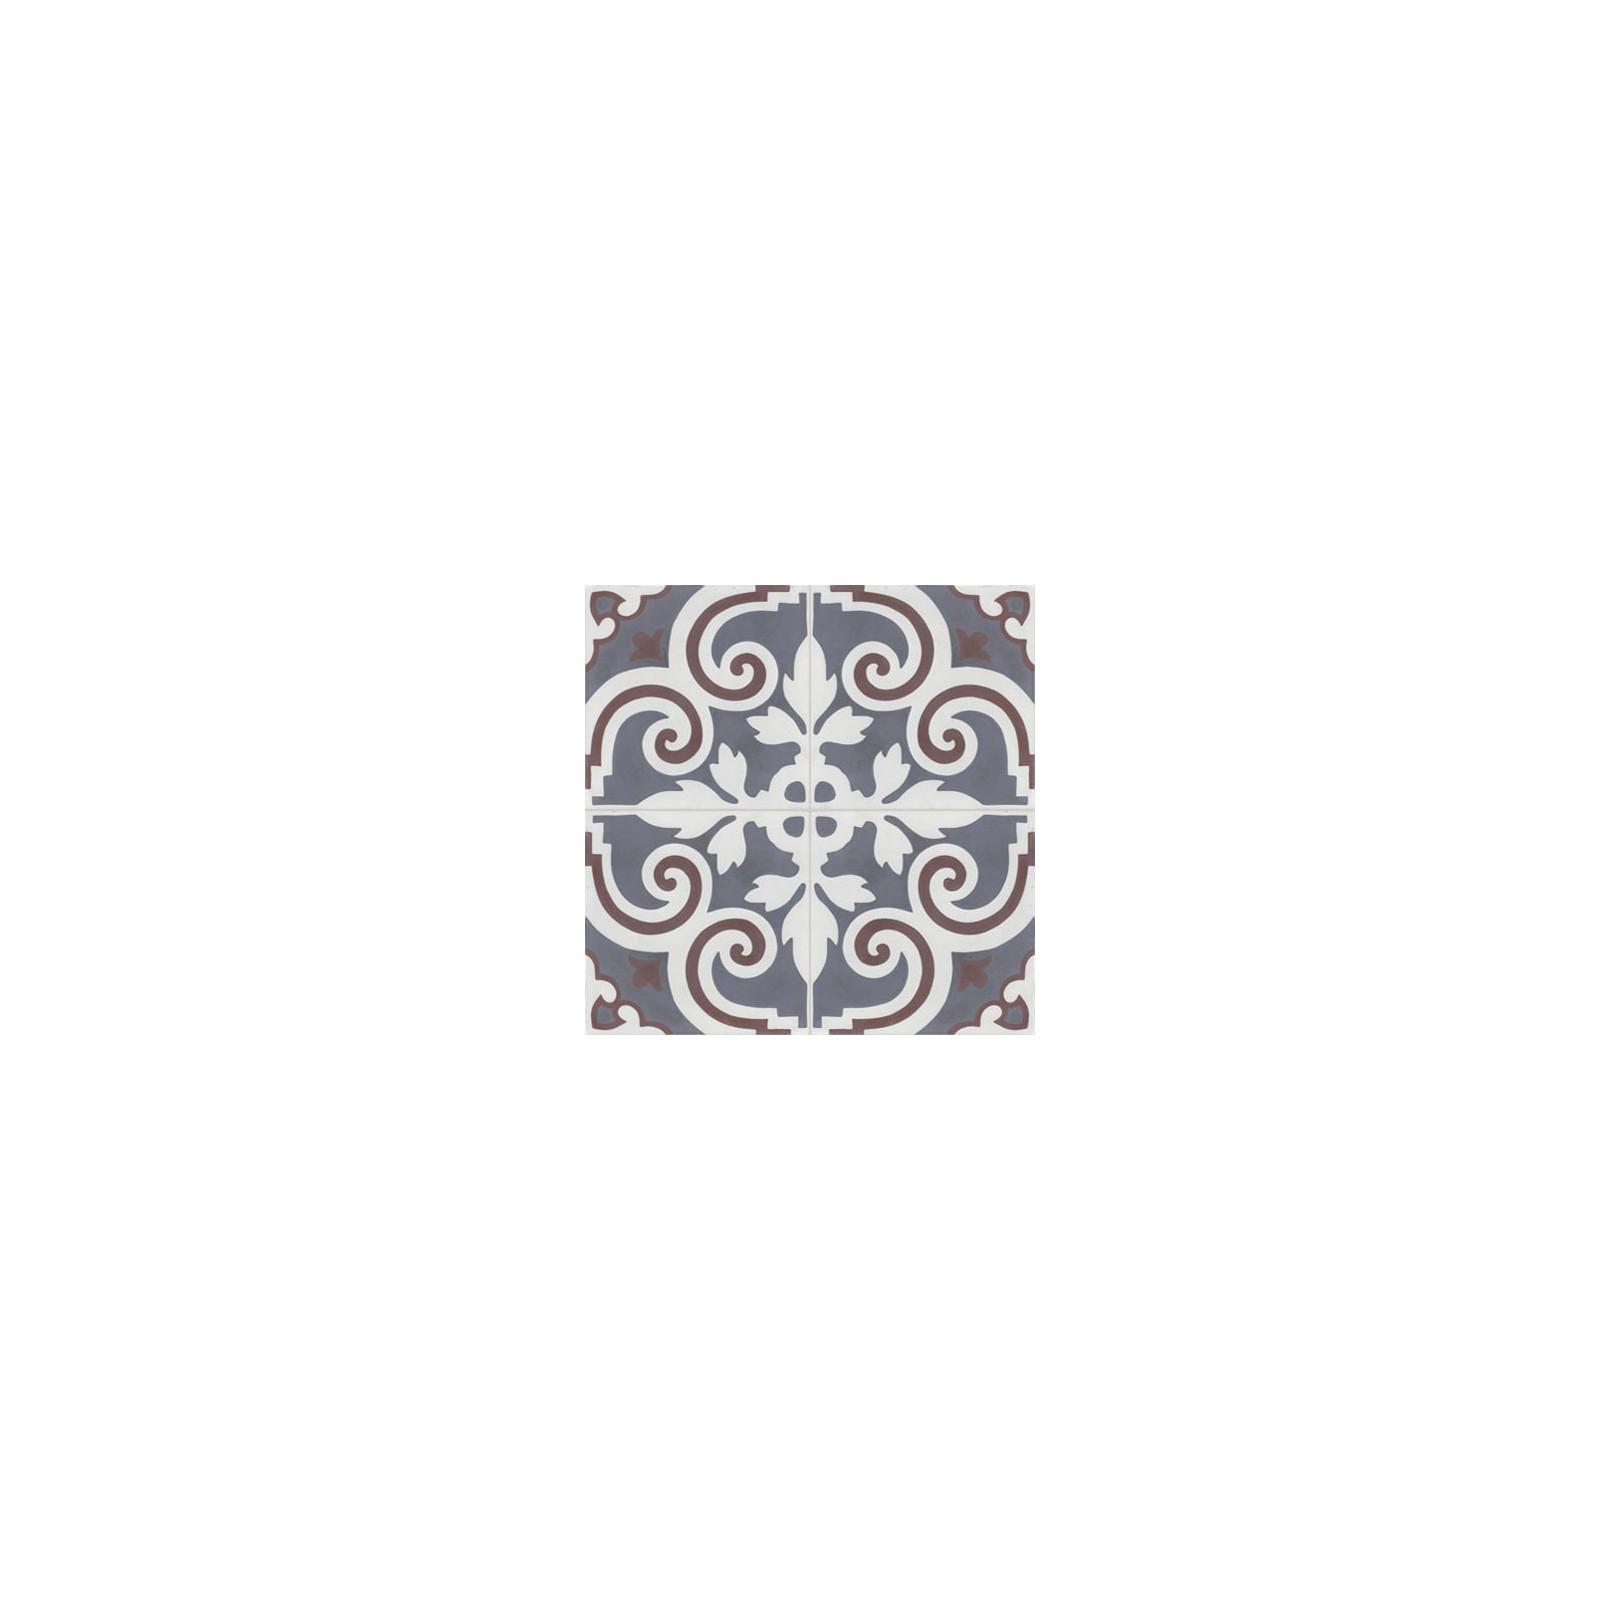 Carreau de ciment coloré motif 4 carreaux gris moyen, blanc et marron VENDOME 10.33.35